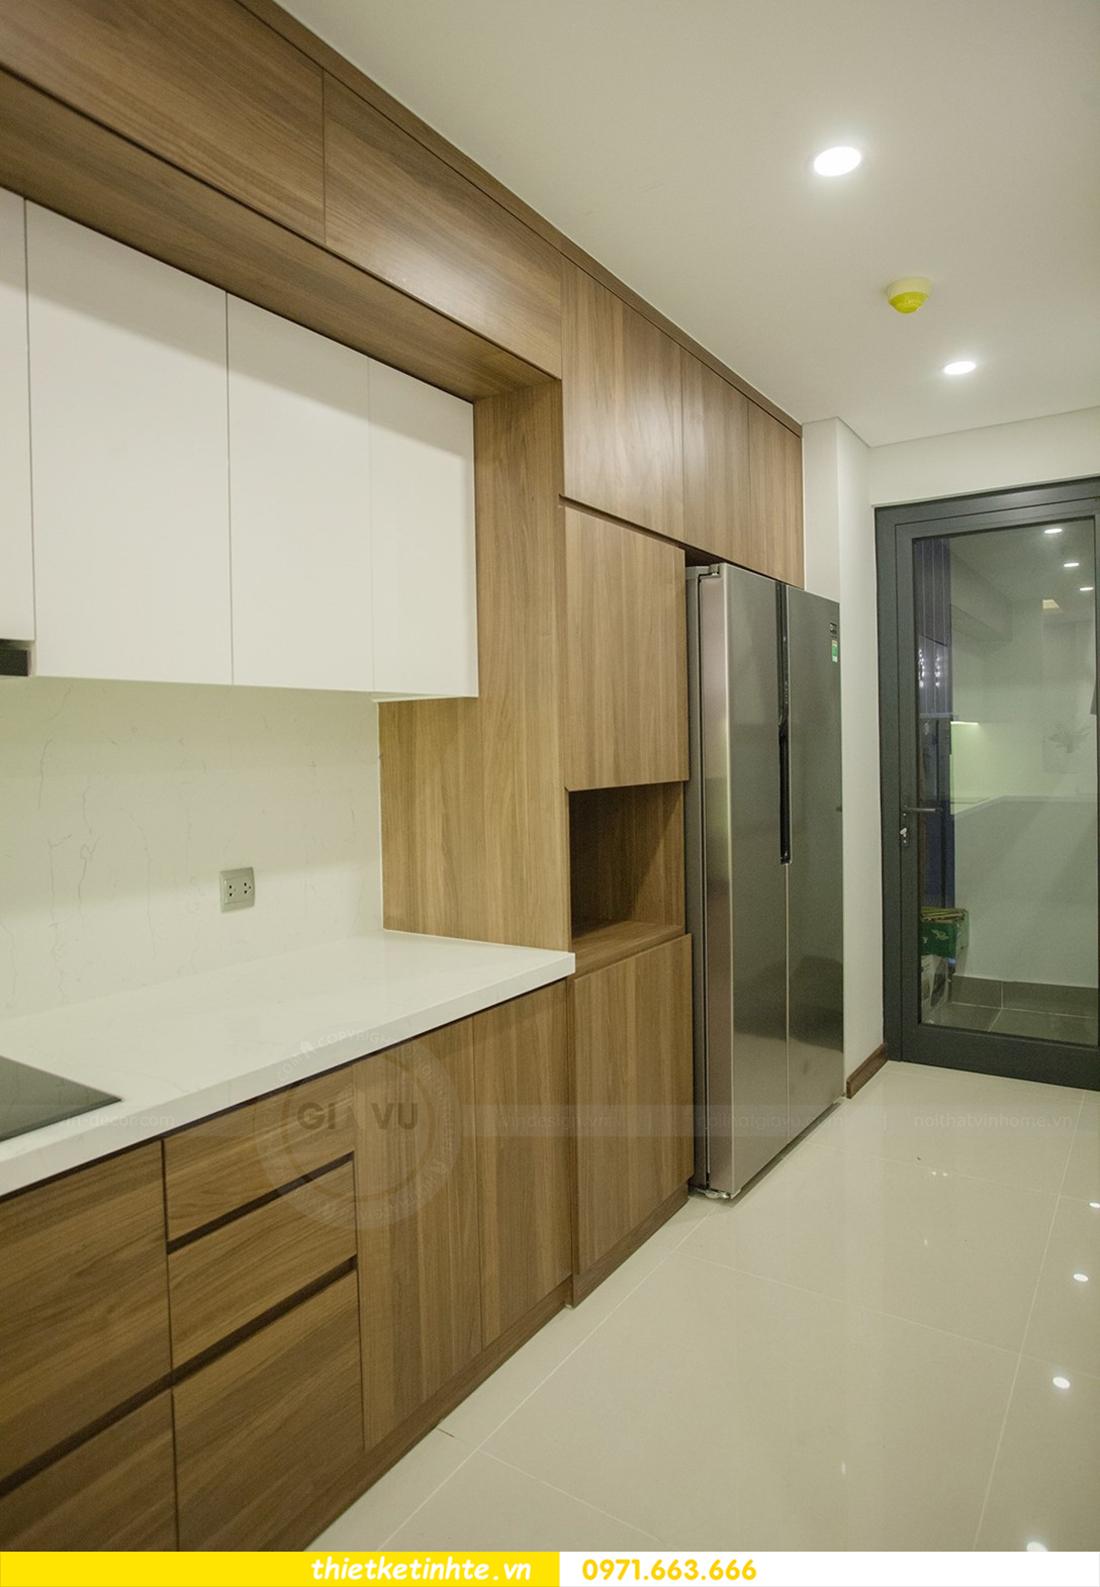 thi công nội thất chung cư tại Hà Nội chỉ với 200 triệu 10